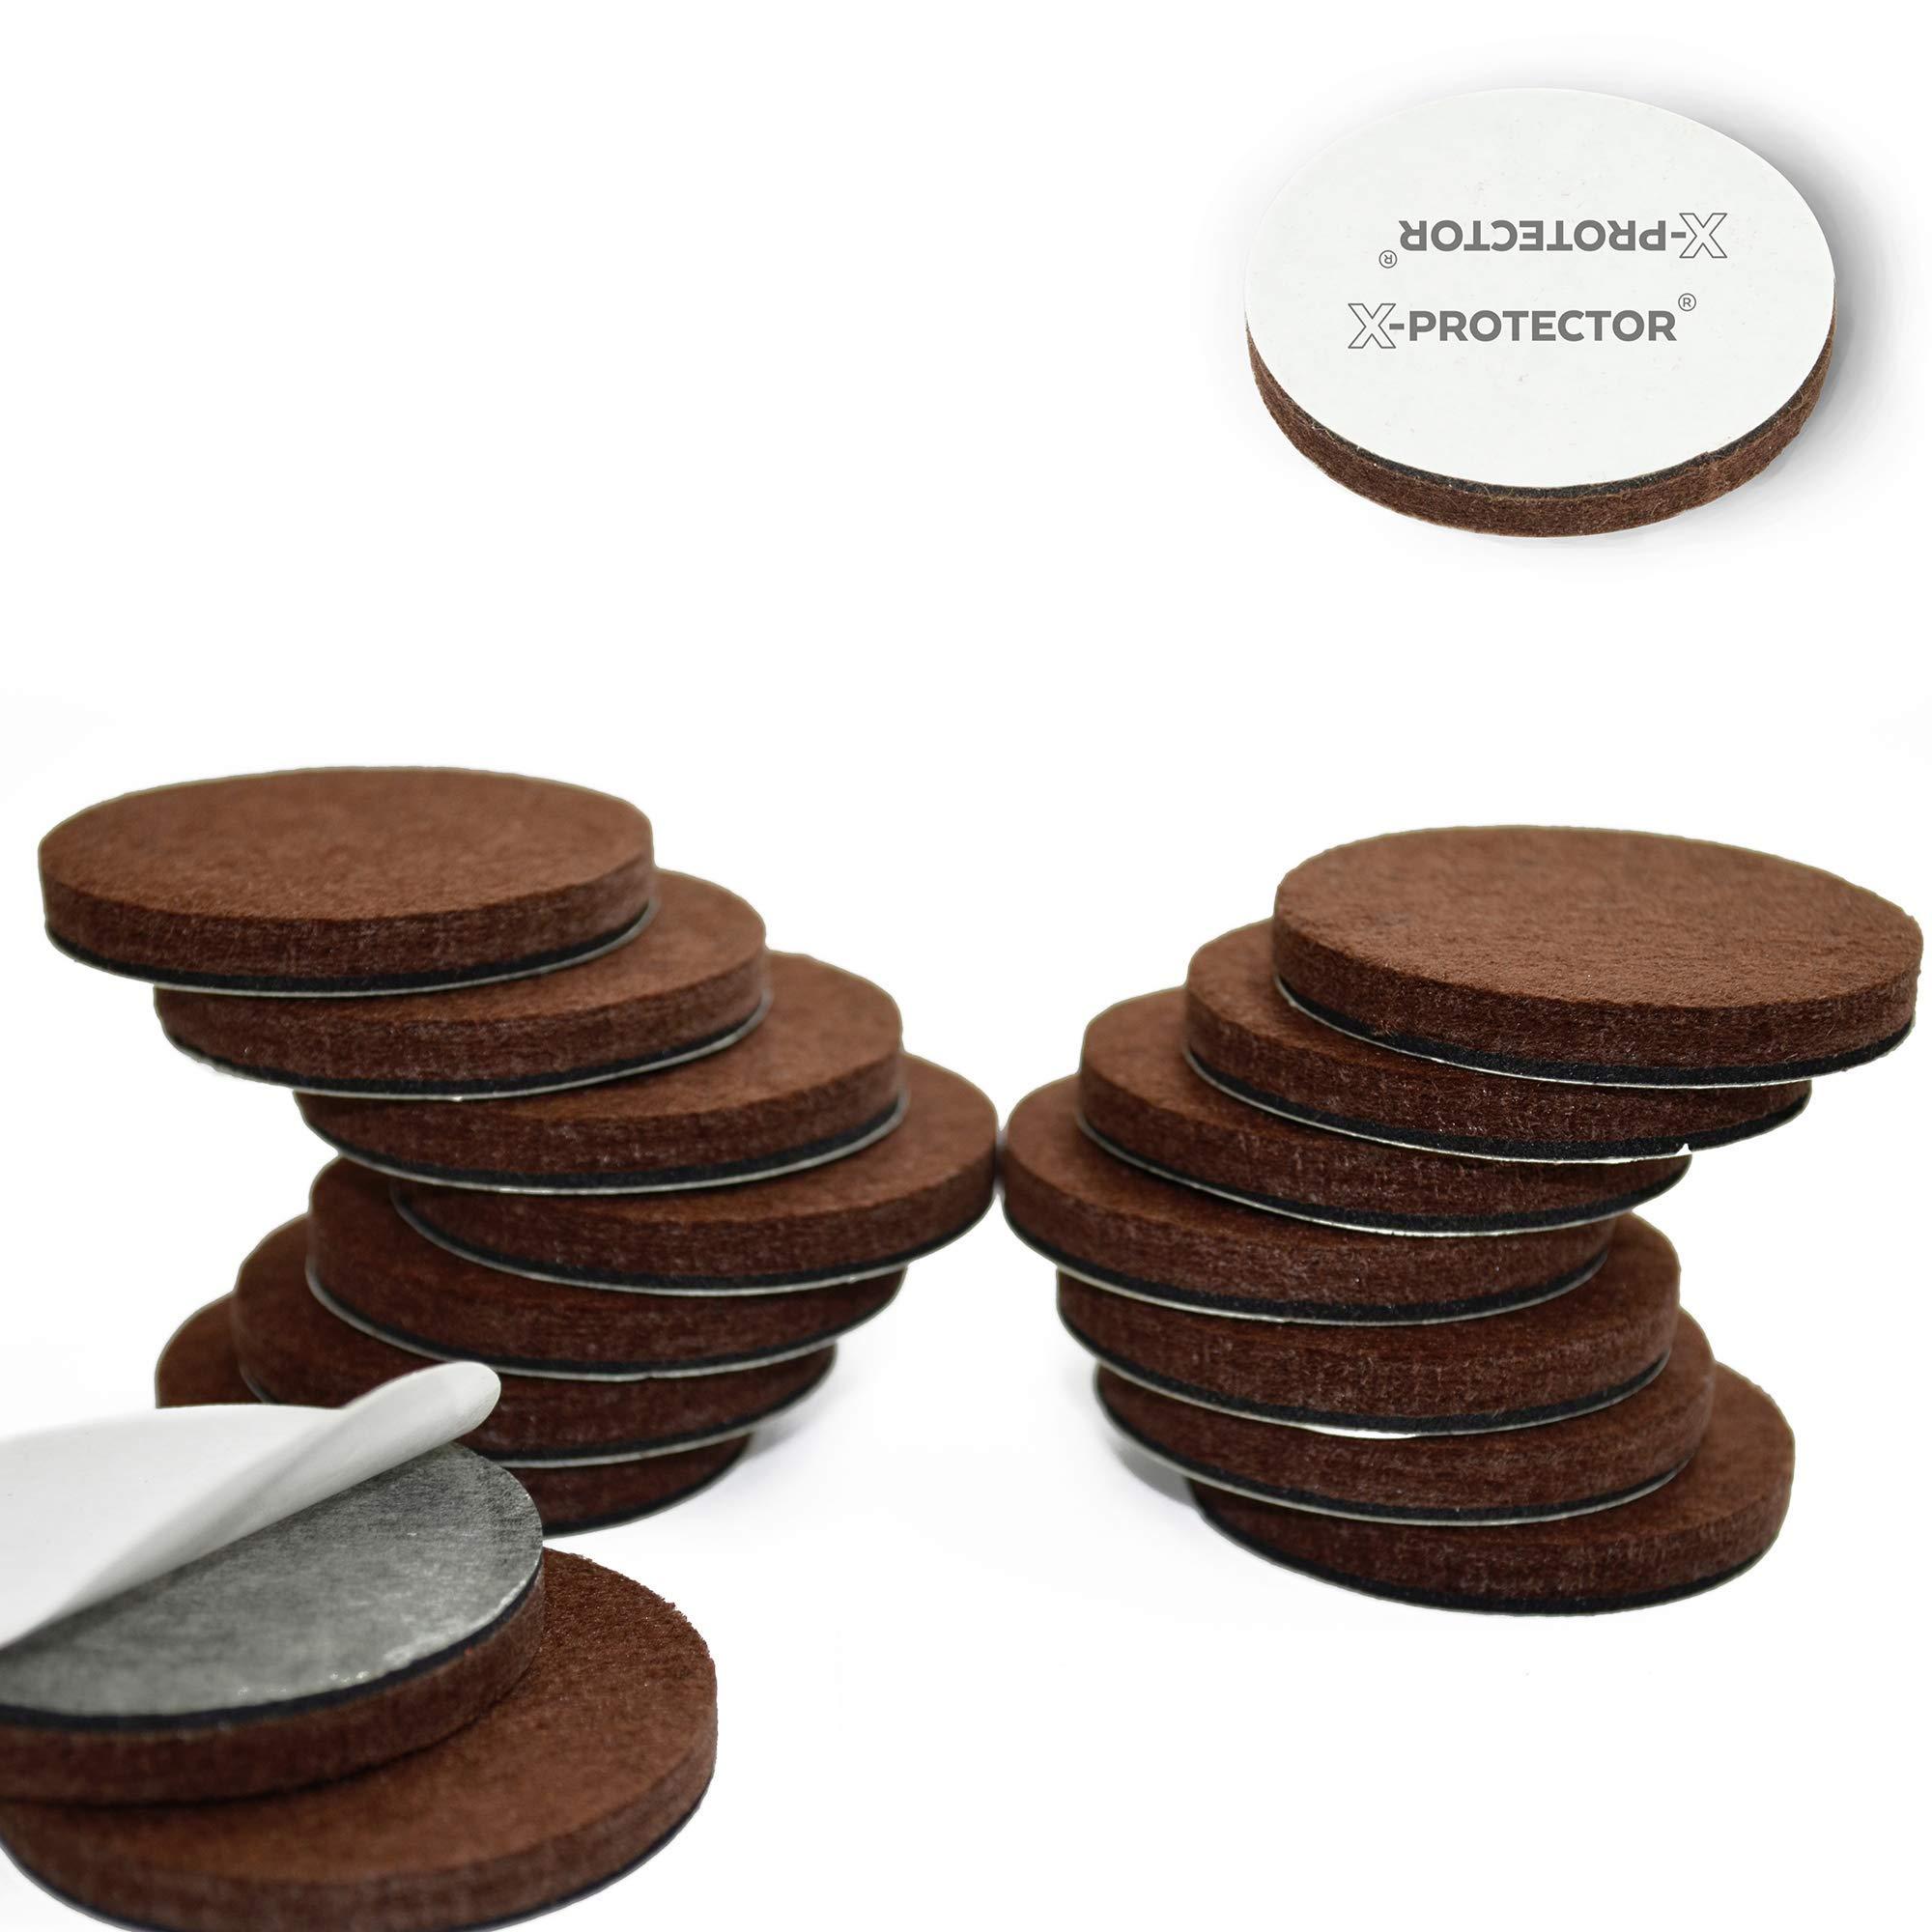 """X-Protector Premium 16 Thick 1/4"""" Heavy Duty Felt Furniture Pads 2""""! Felt Pads for Heavy Furniture Feet – Best Felts Wood Floor Protectors for No Scratches Sliders. Protect Your Hardwood Floor! by X-Protector"""